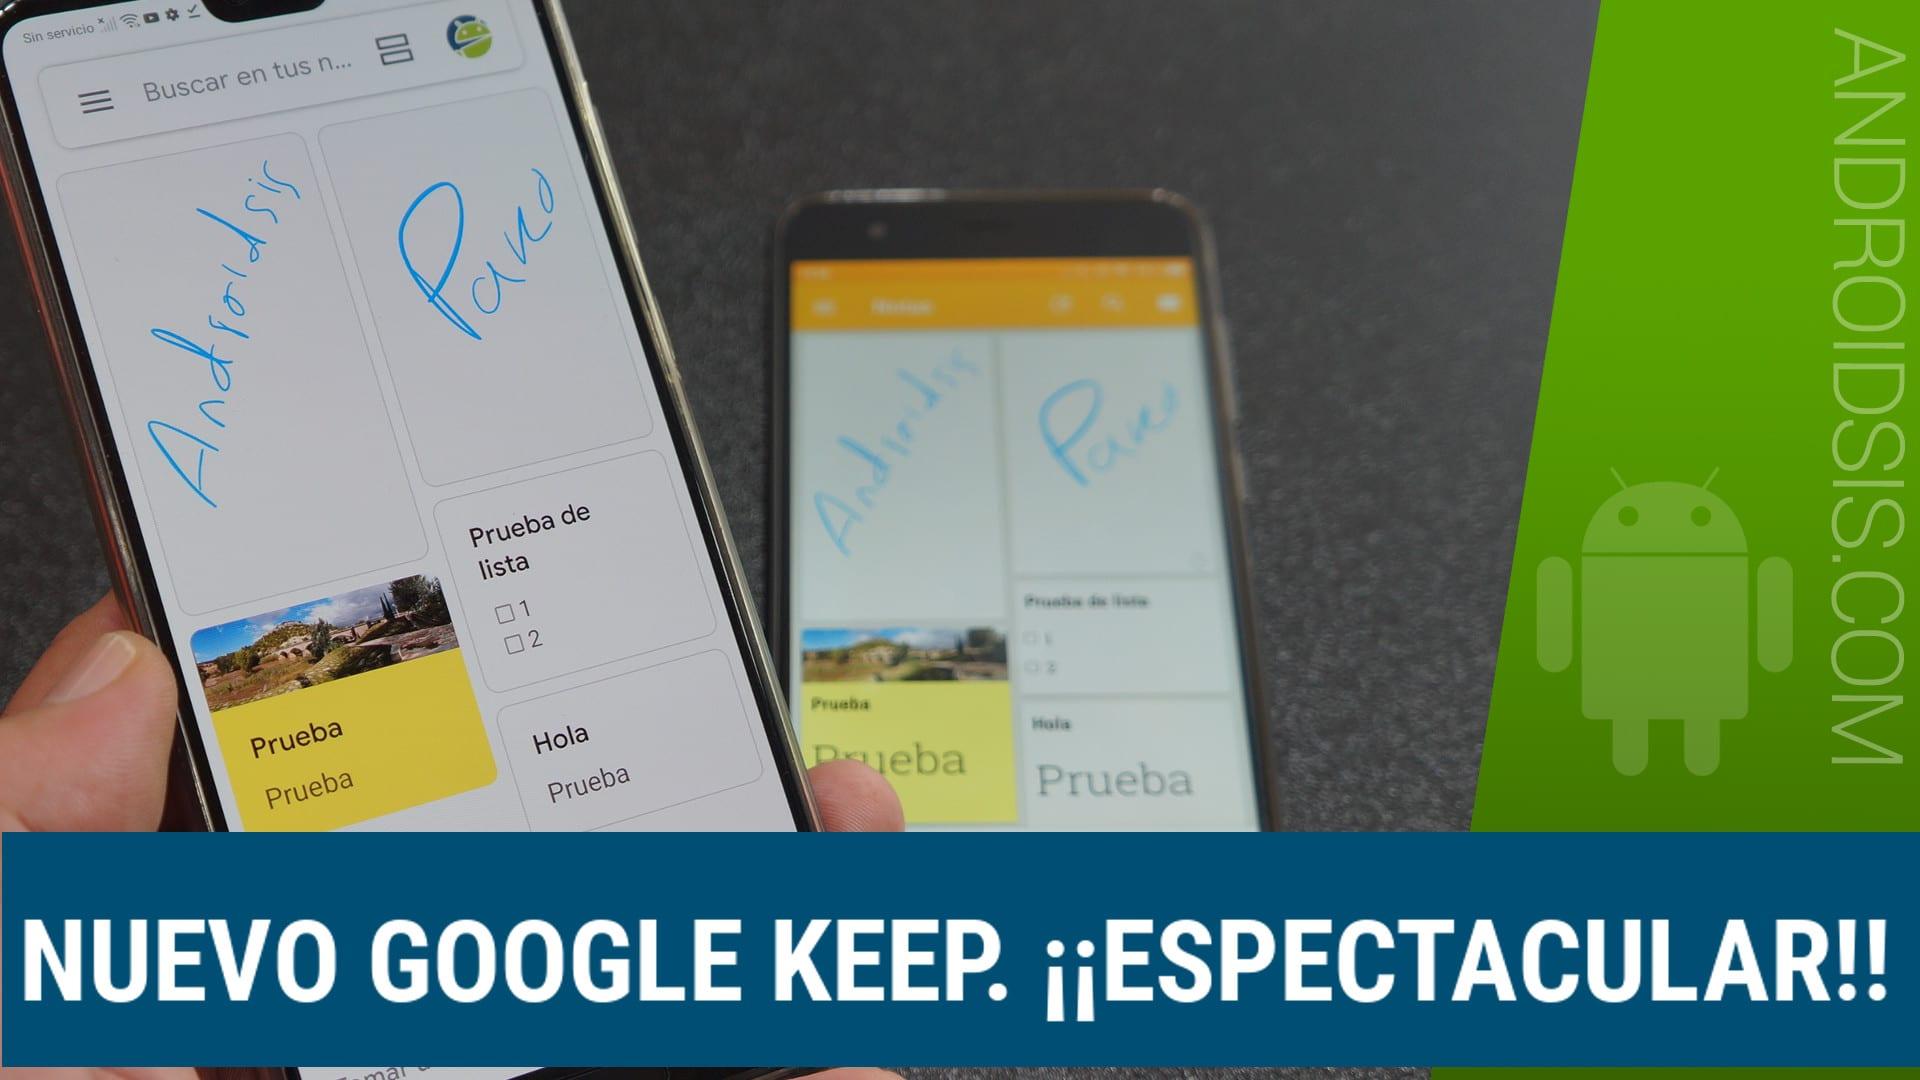 Descargar APK Google Keep nueva versión